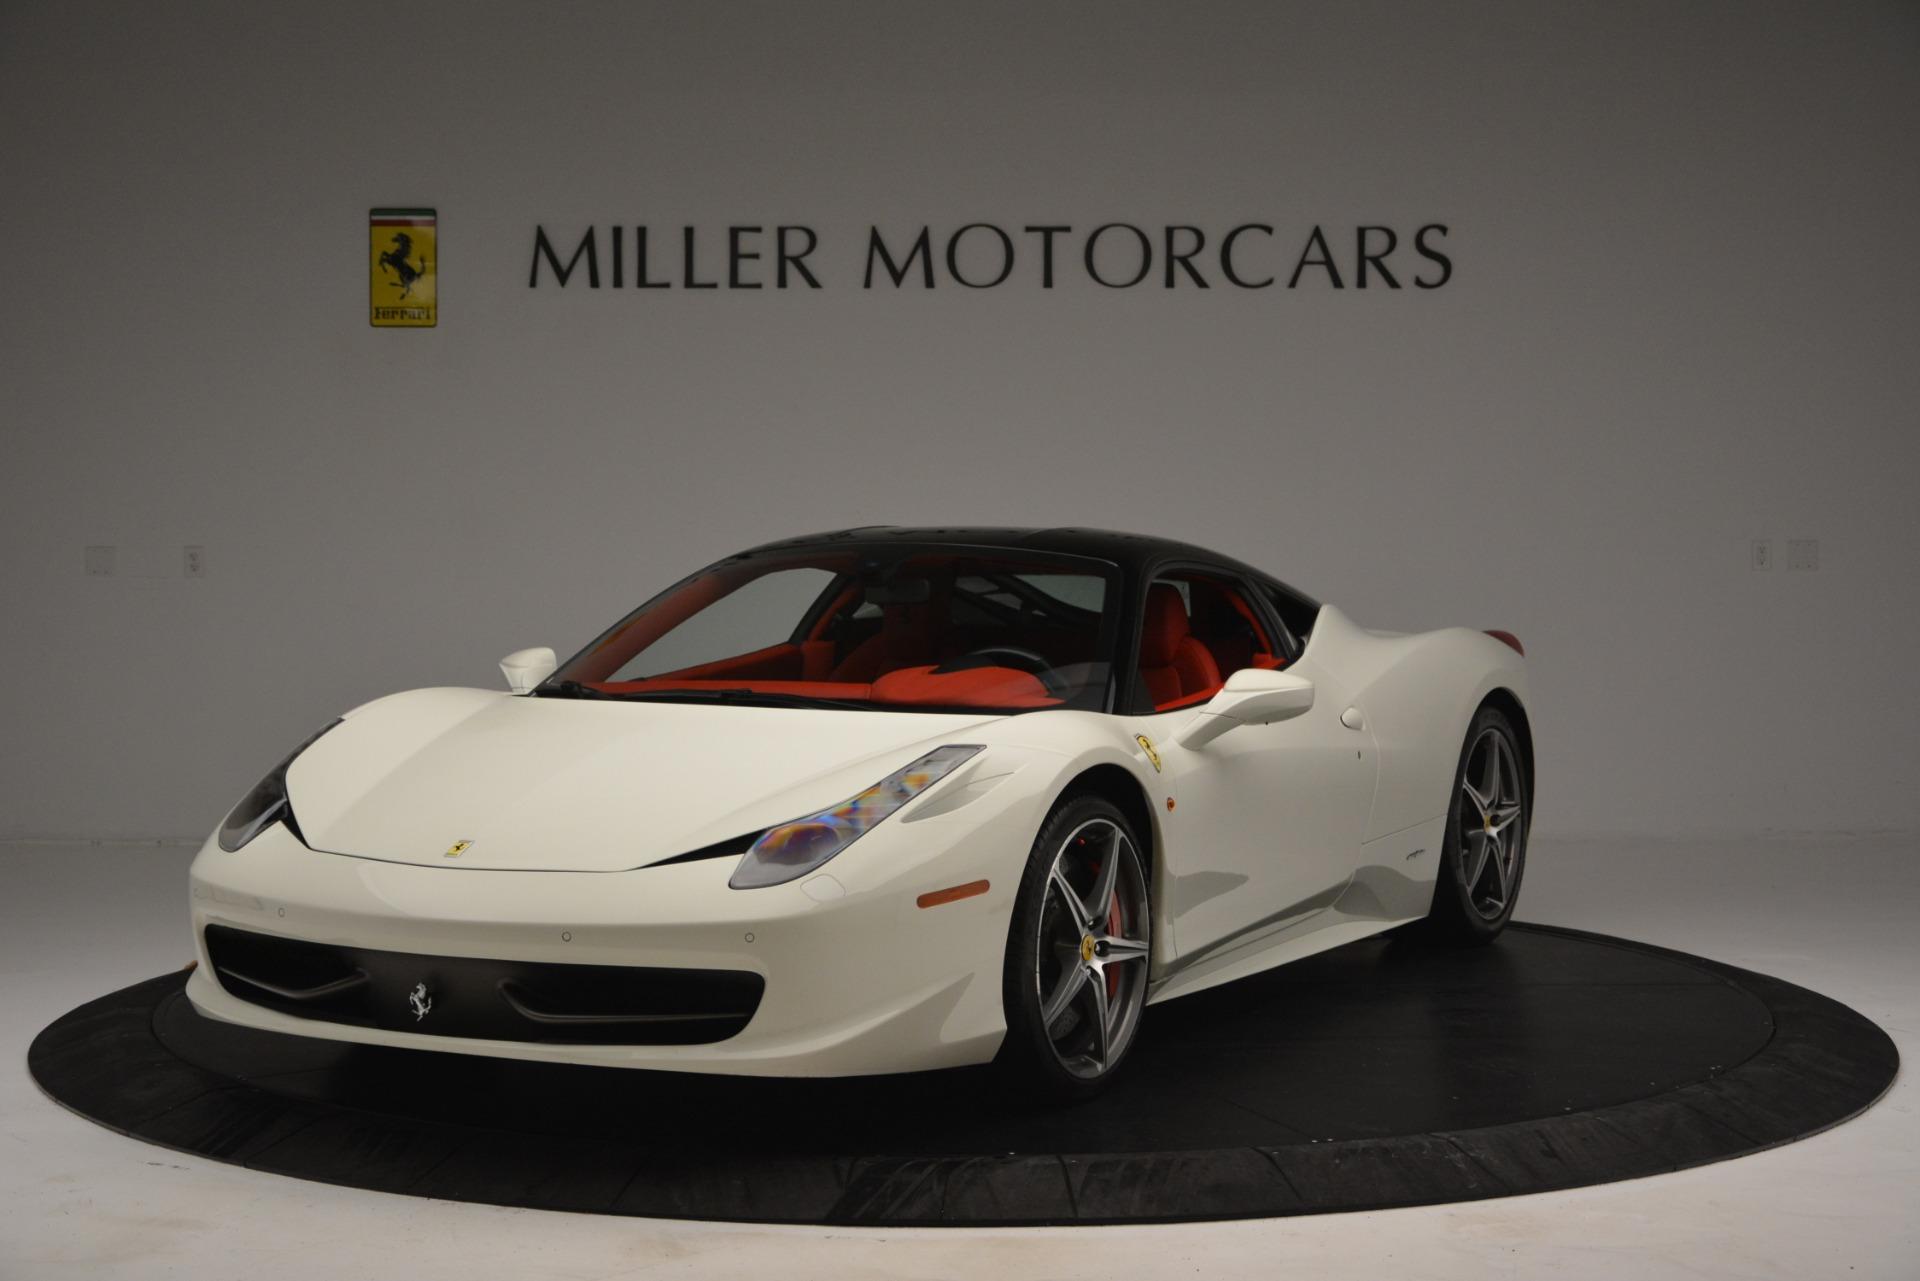 Used 2012 Ferrari 458 Italia for sale Sold at Bugatti of Greenwich in Greenwich CT 06830 1